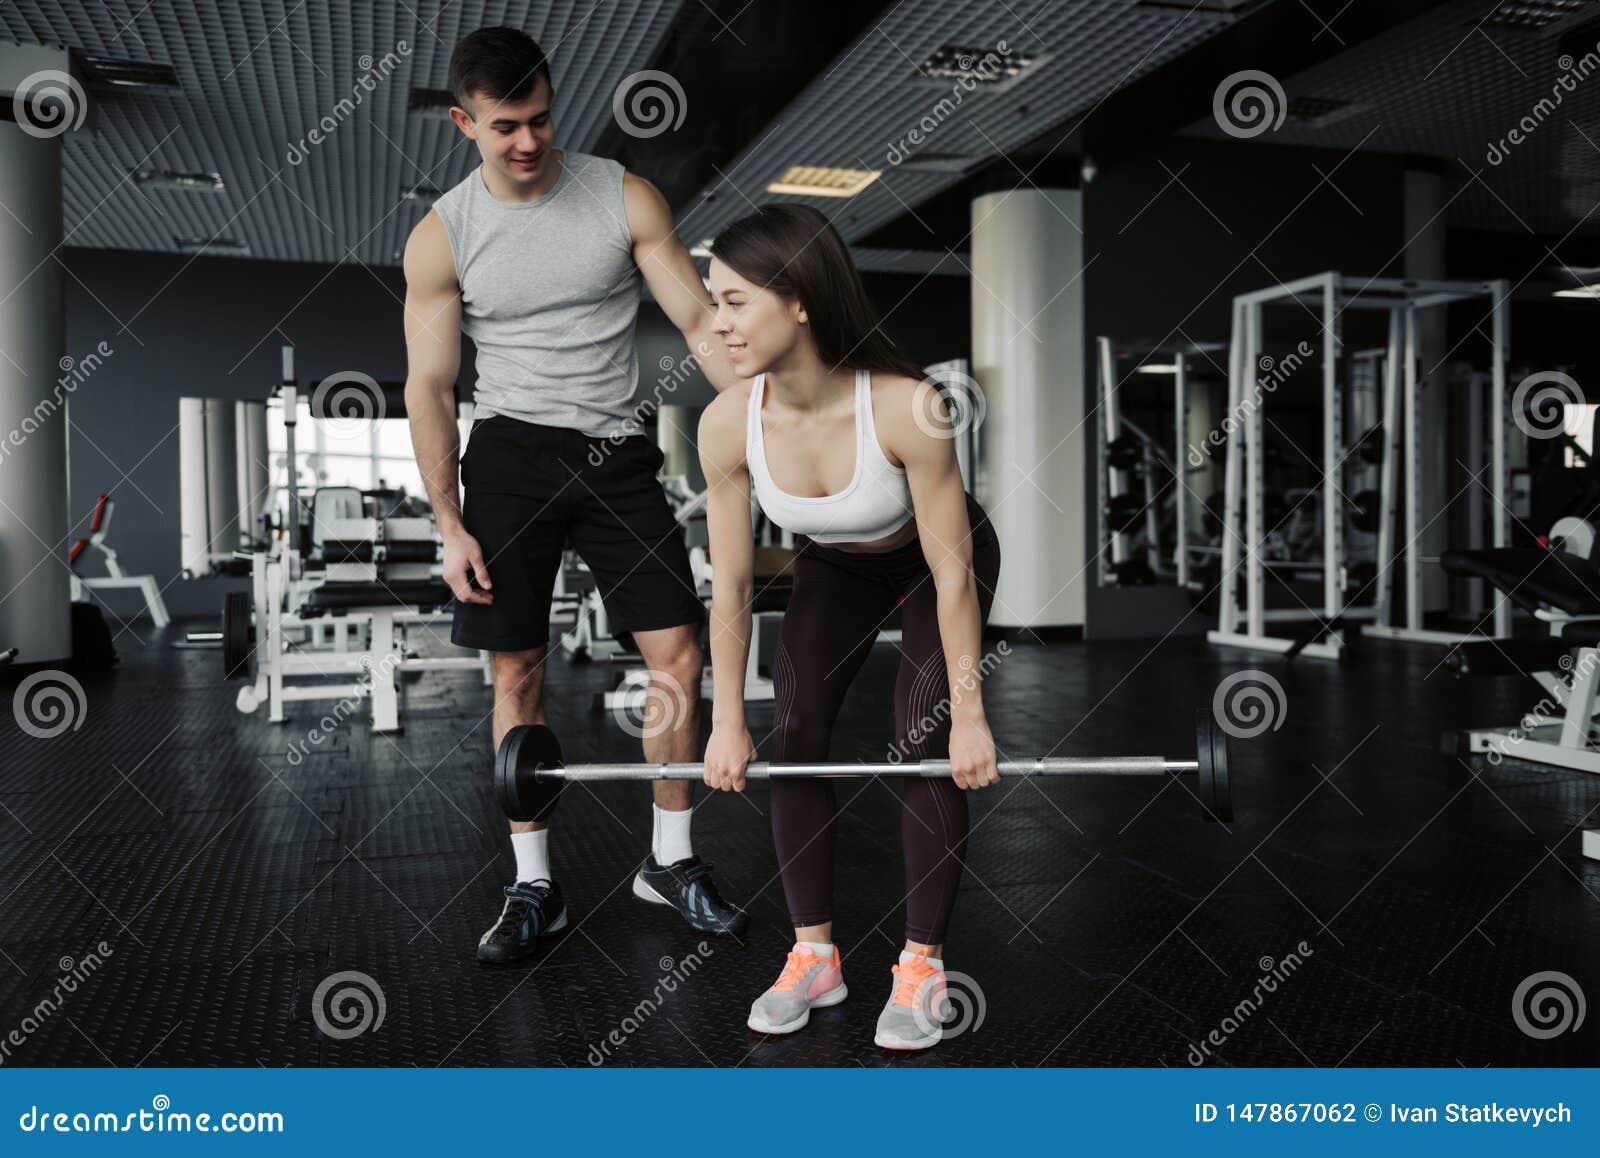 Instructor personal posiciones en cuclillas de ayuda de una mujer joven con los dumbells en un gimnasio